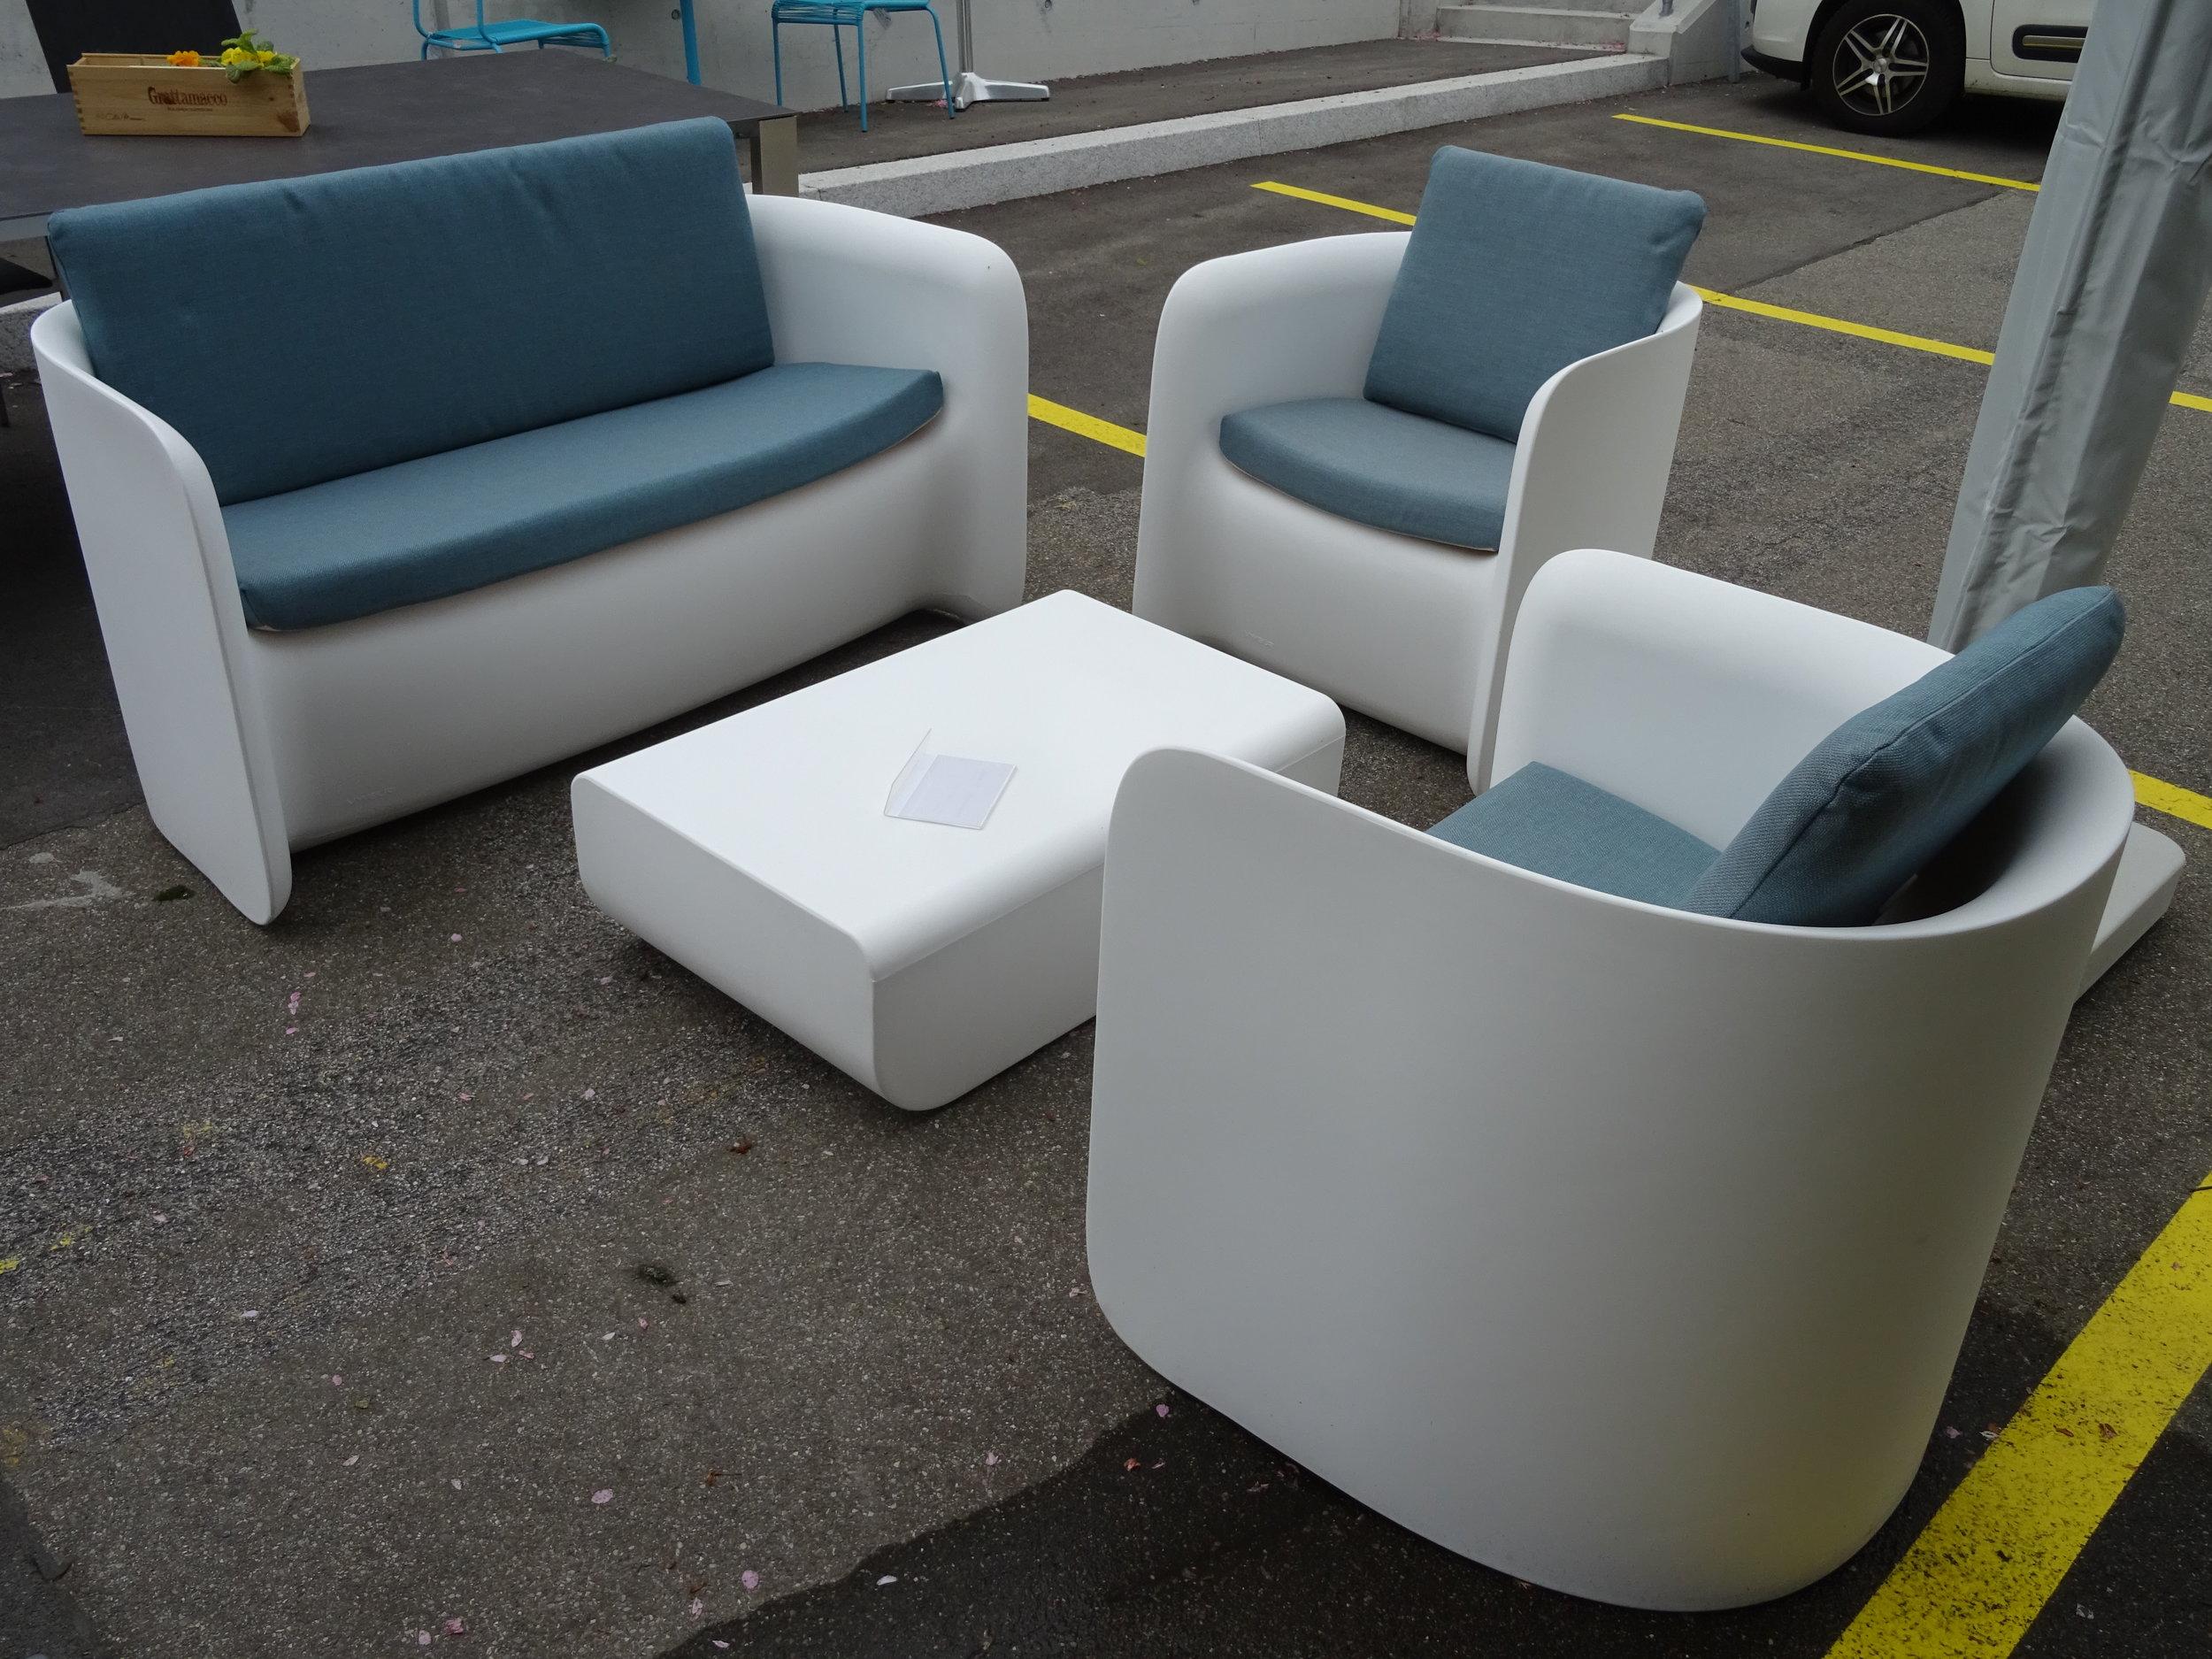 Nova Lounge Set - Sie sind sowohl für den Außen- als auch für den Innenbereich geeignet. Sie können beleuchtet werden und sind in der bequemen, gepolsterten Version erhältlich. Die Nova-Familie macht Einfachheit zu ihrer Stärke. Eine raffinierte Schlichtheit zeichnet das Nova Sofa und den Nova Sessel aus. Ihr klares und neutrales Design, das sich durch essentielle und elegante Linien auszeichnet, macht sie zu Objekten, die in jeden stilistischen Kontext eingefügt werden können